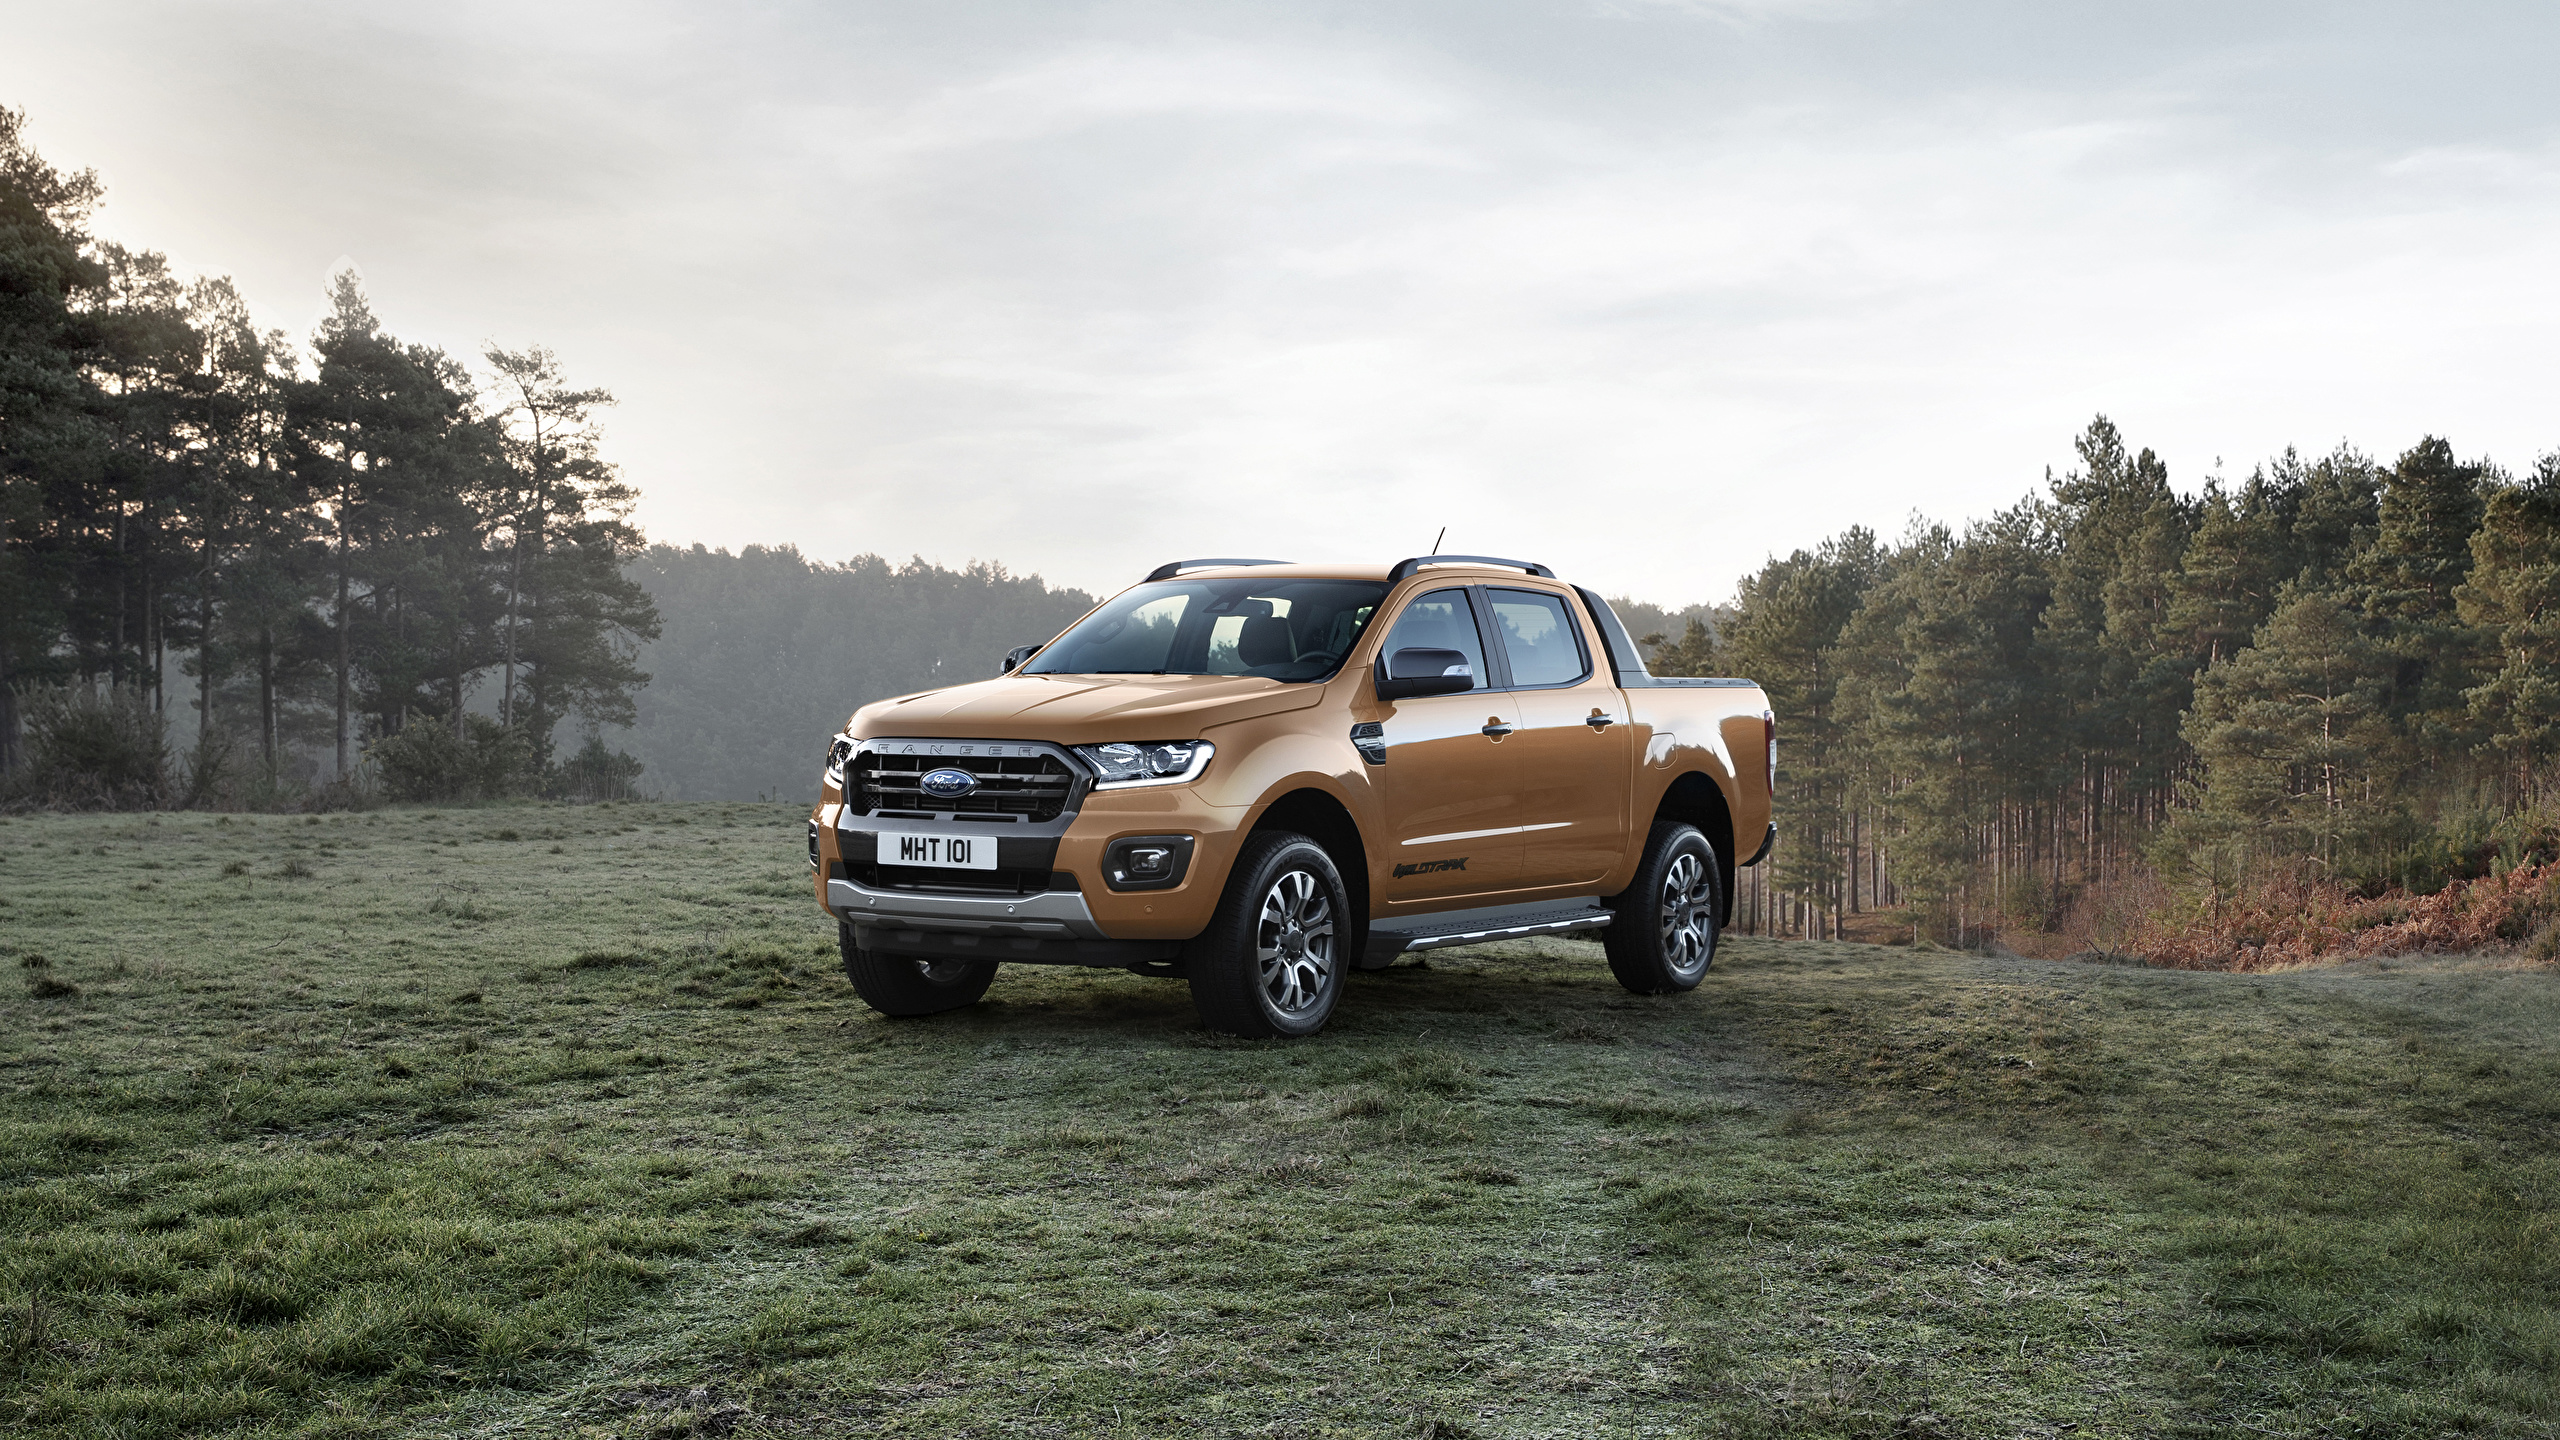 Обои для рабочего стола Форд 2019 Ranger Wildtrak Пикап кузов Металлик Автомобили 2560x1440 Ford авто машина машины автомобиль